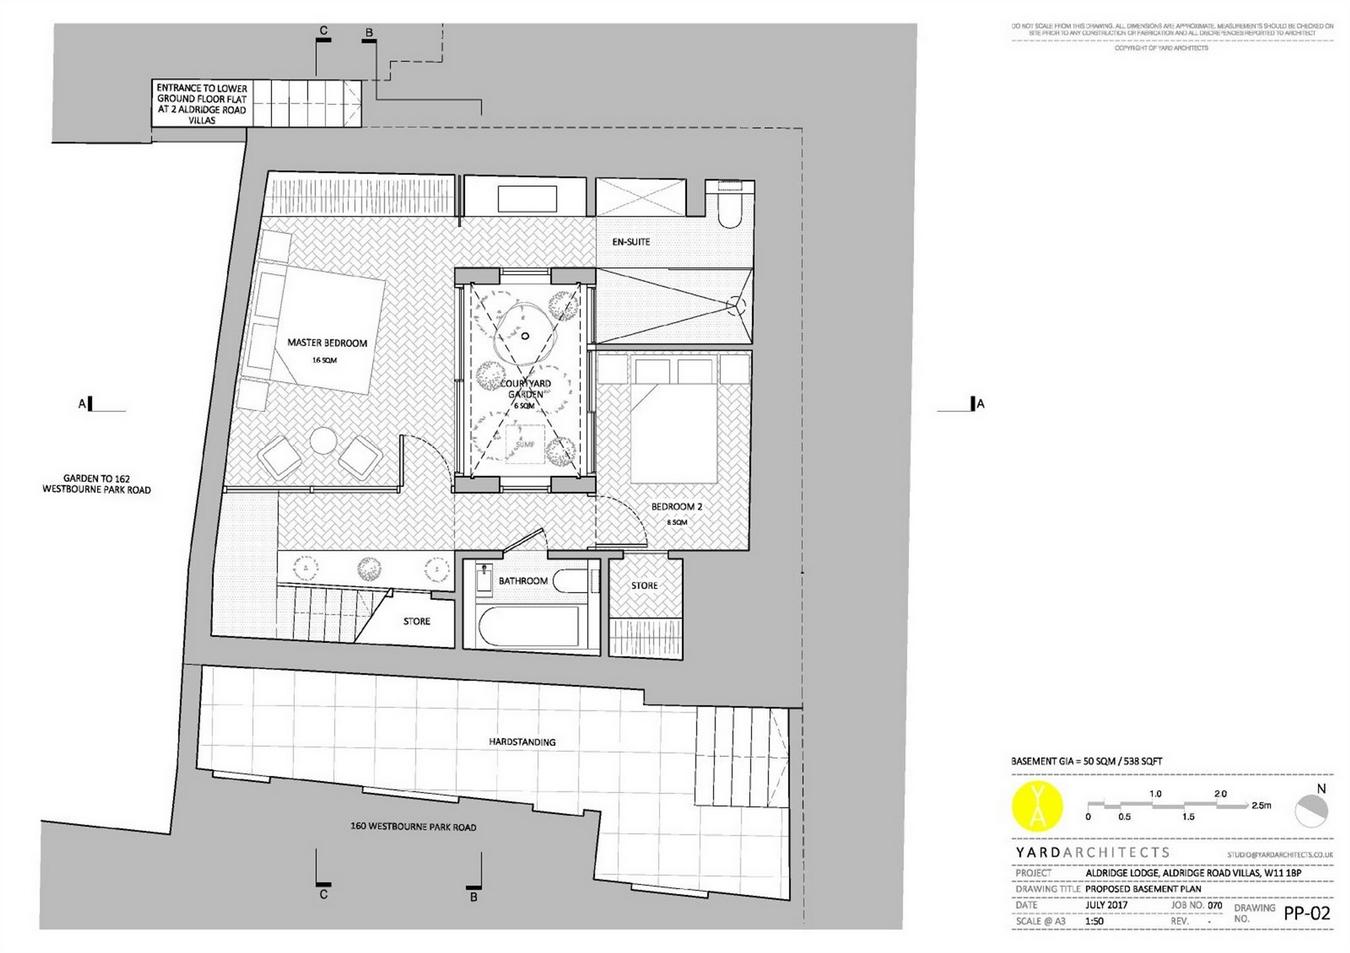 1 Bedrooms Land for sale in Aldridge Road Villas, London W11